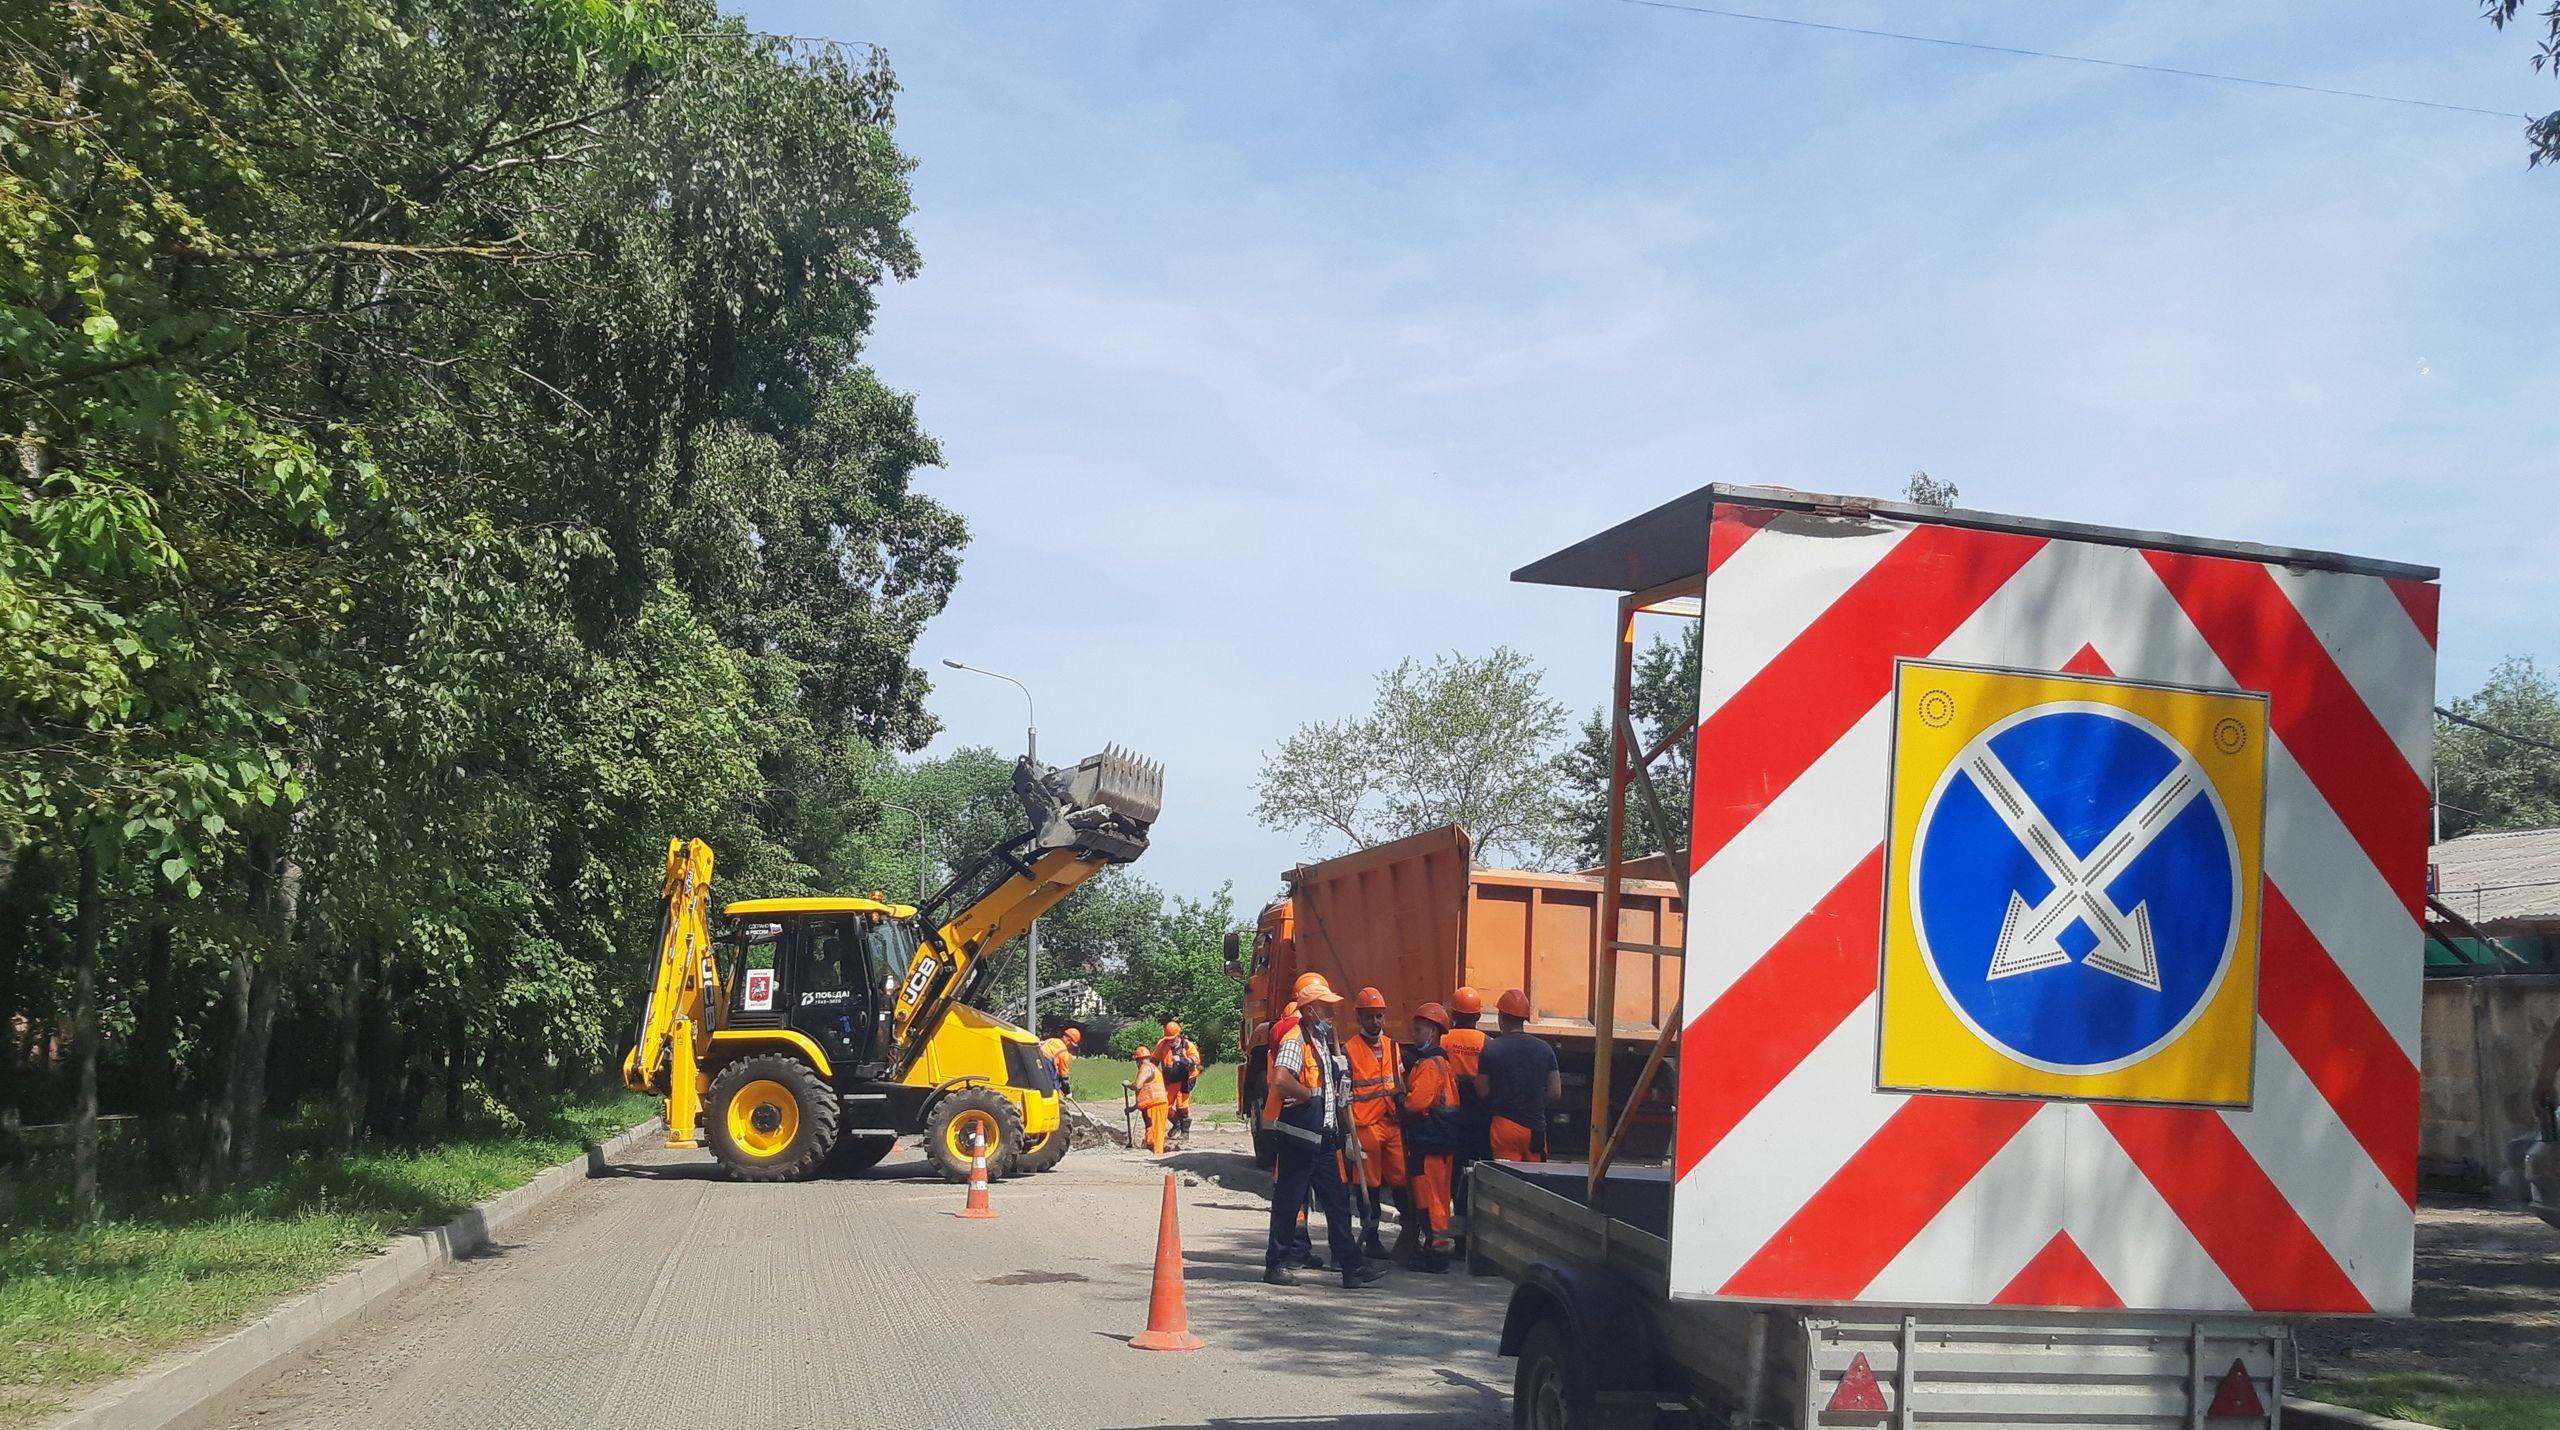 Покрытие объездной дороги демонтировали в Рязановском